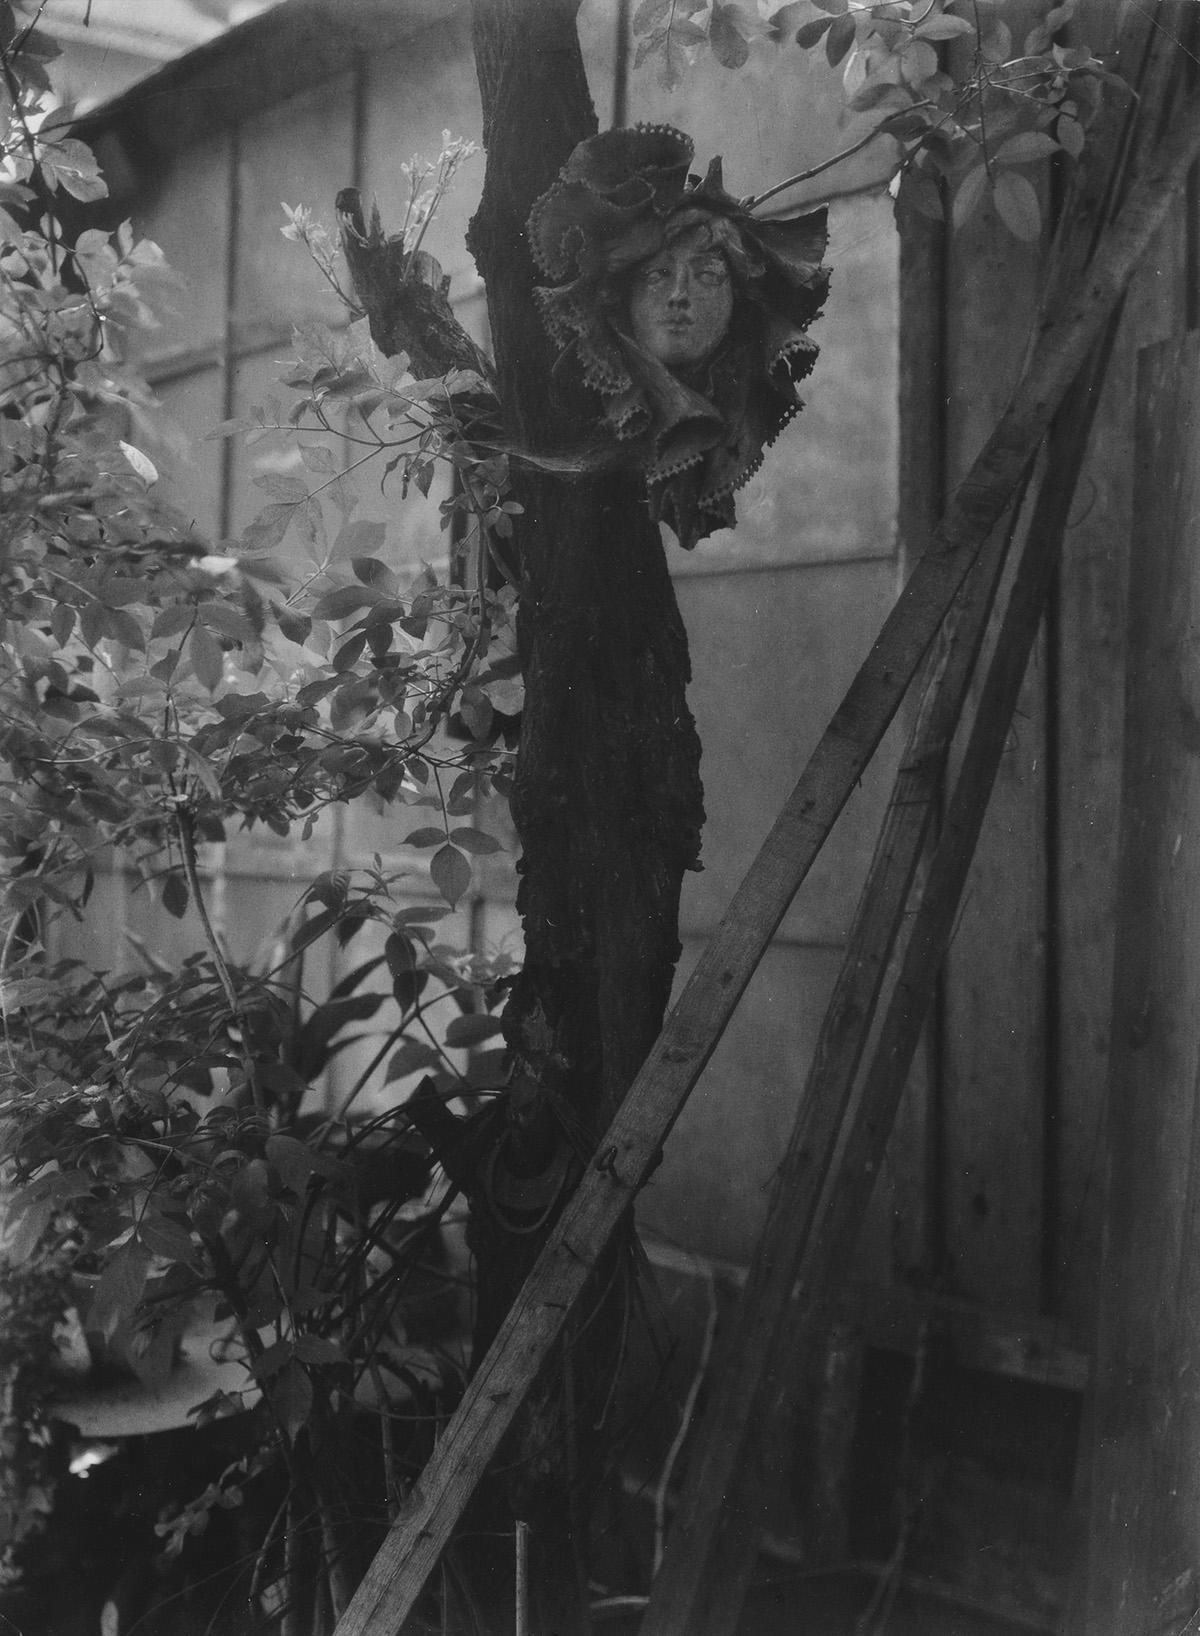 JOSEF-SUDEK-(1896-1976)-Summer-in-my-garden